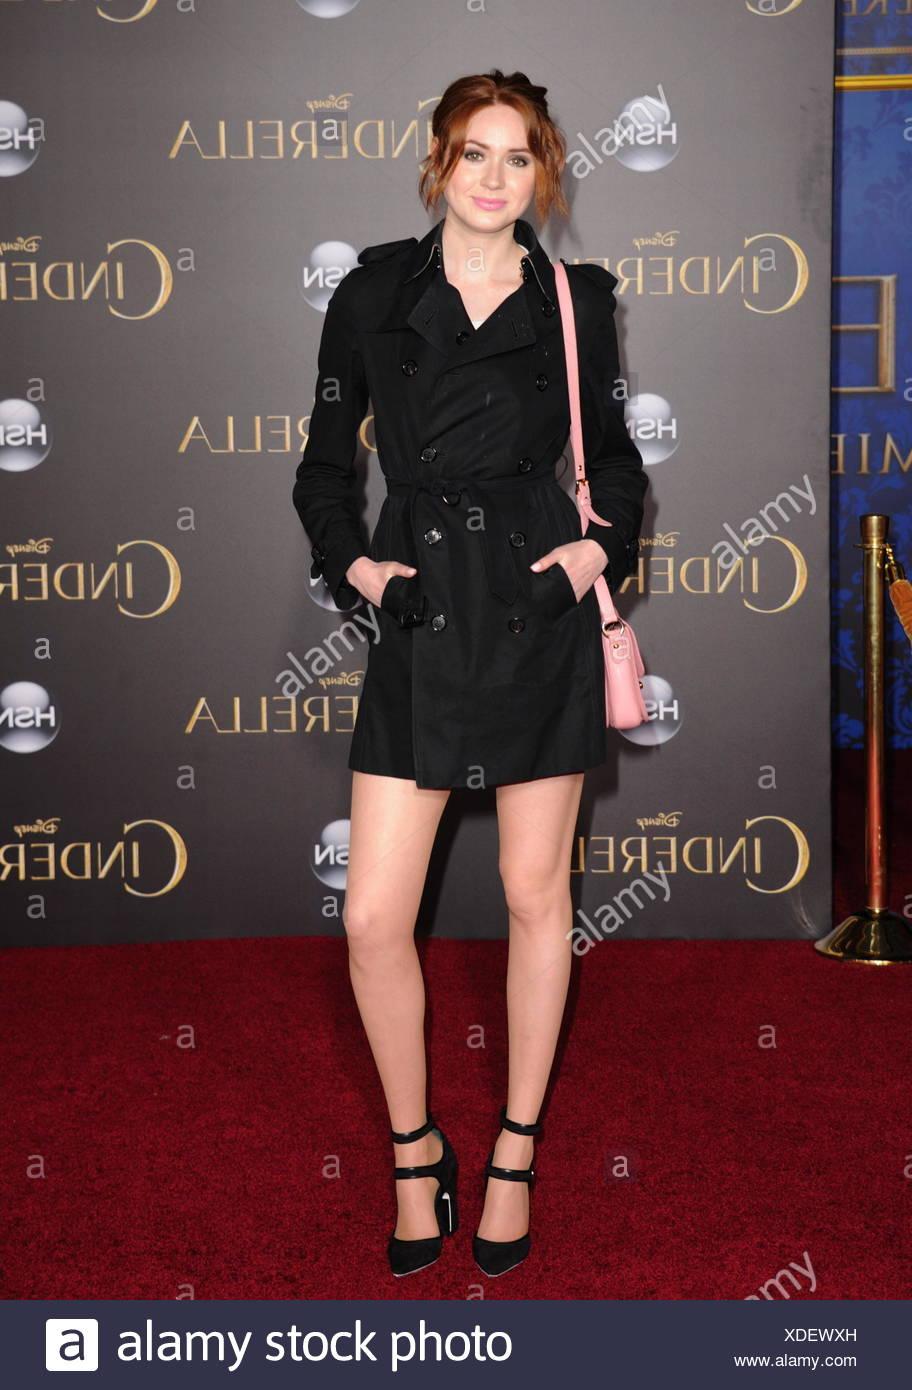 6749b9d1d90a Actress Karen Gillan arrives at the World Premiere of Disney